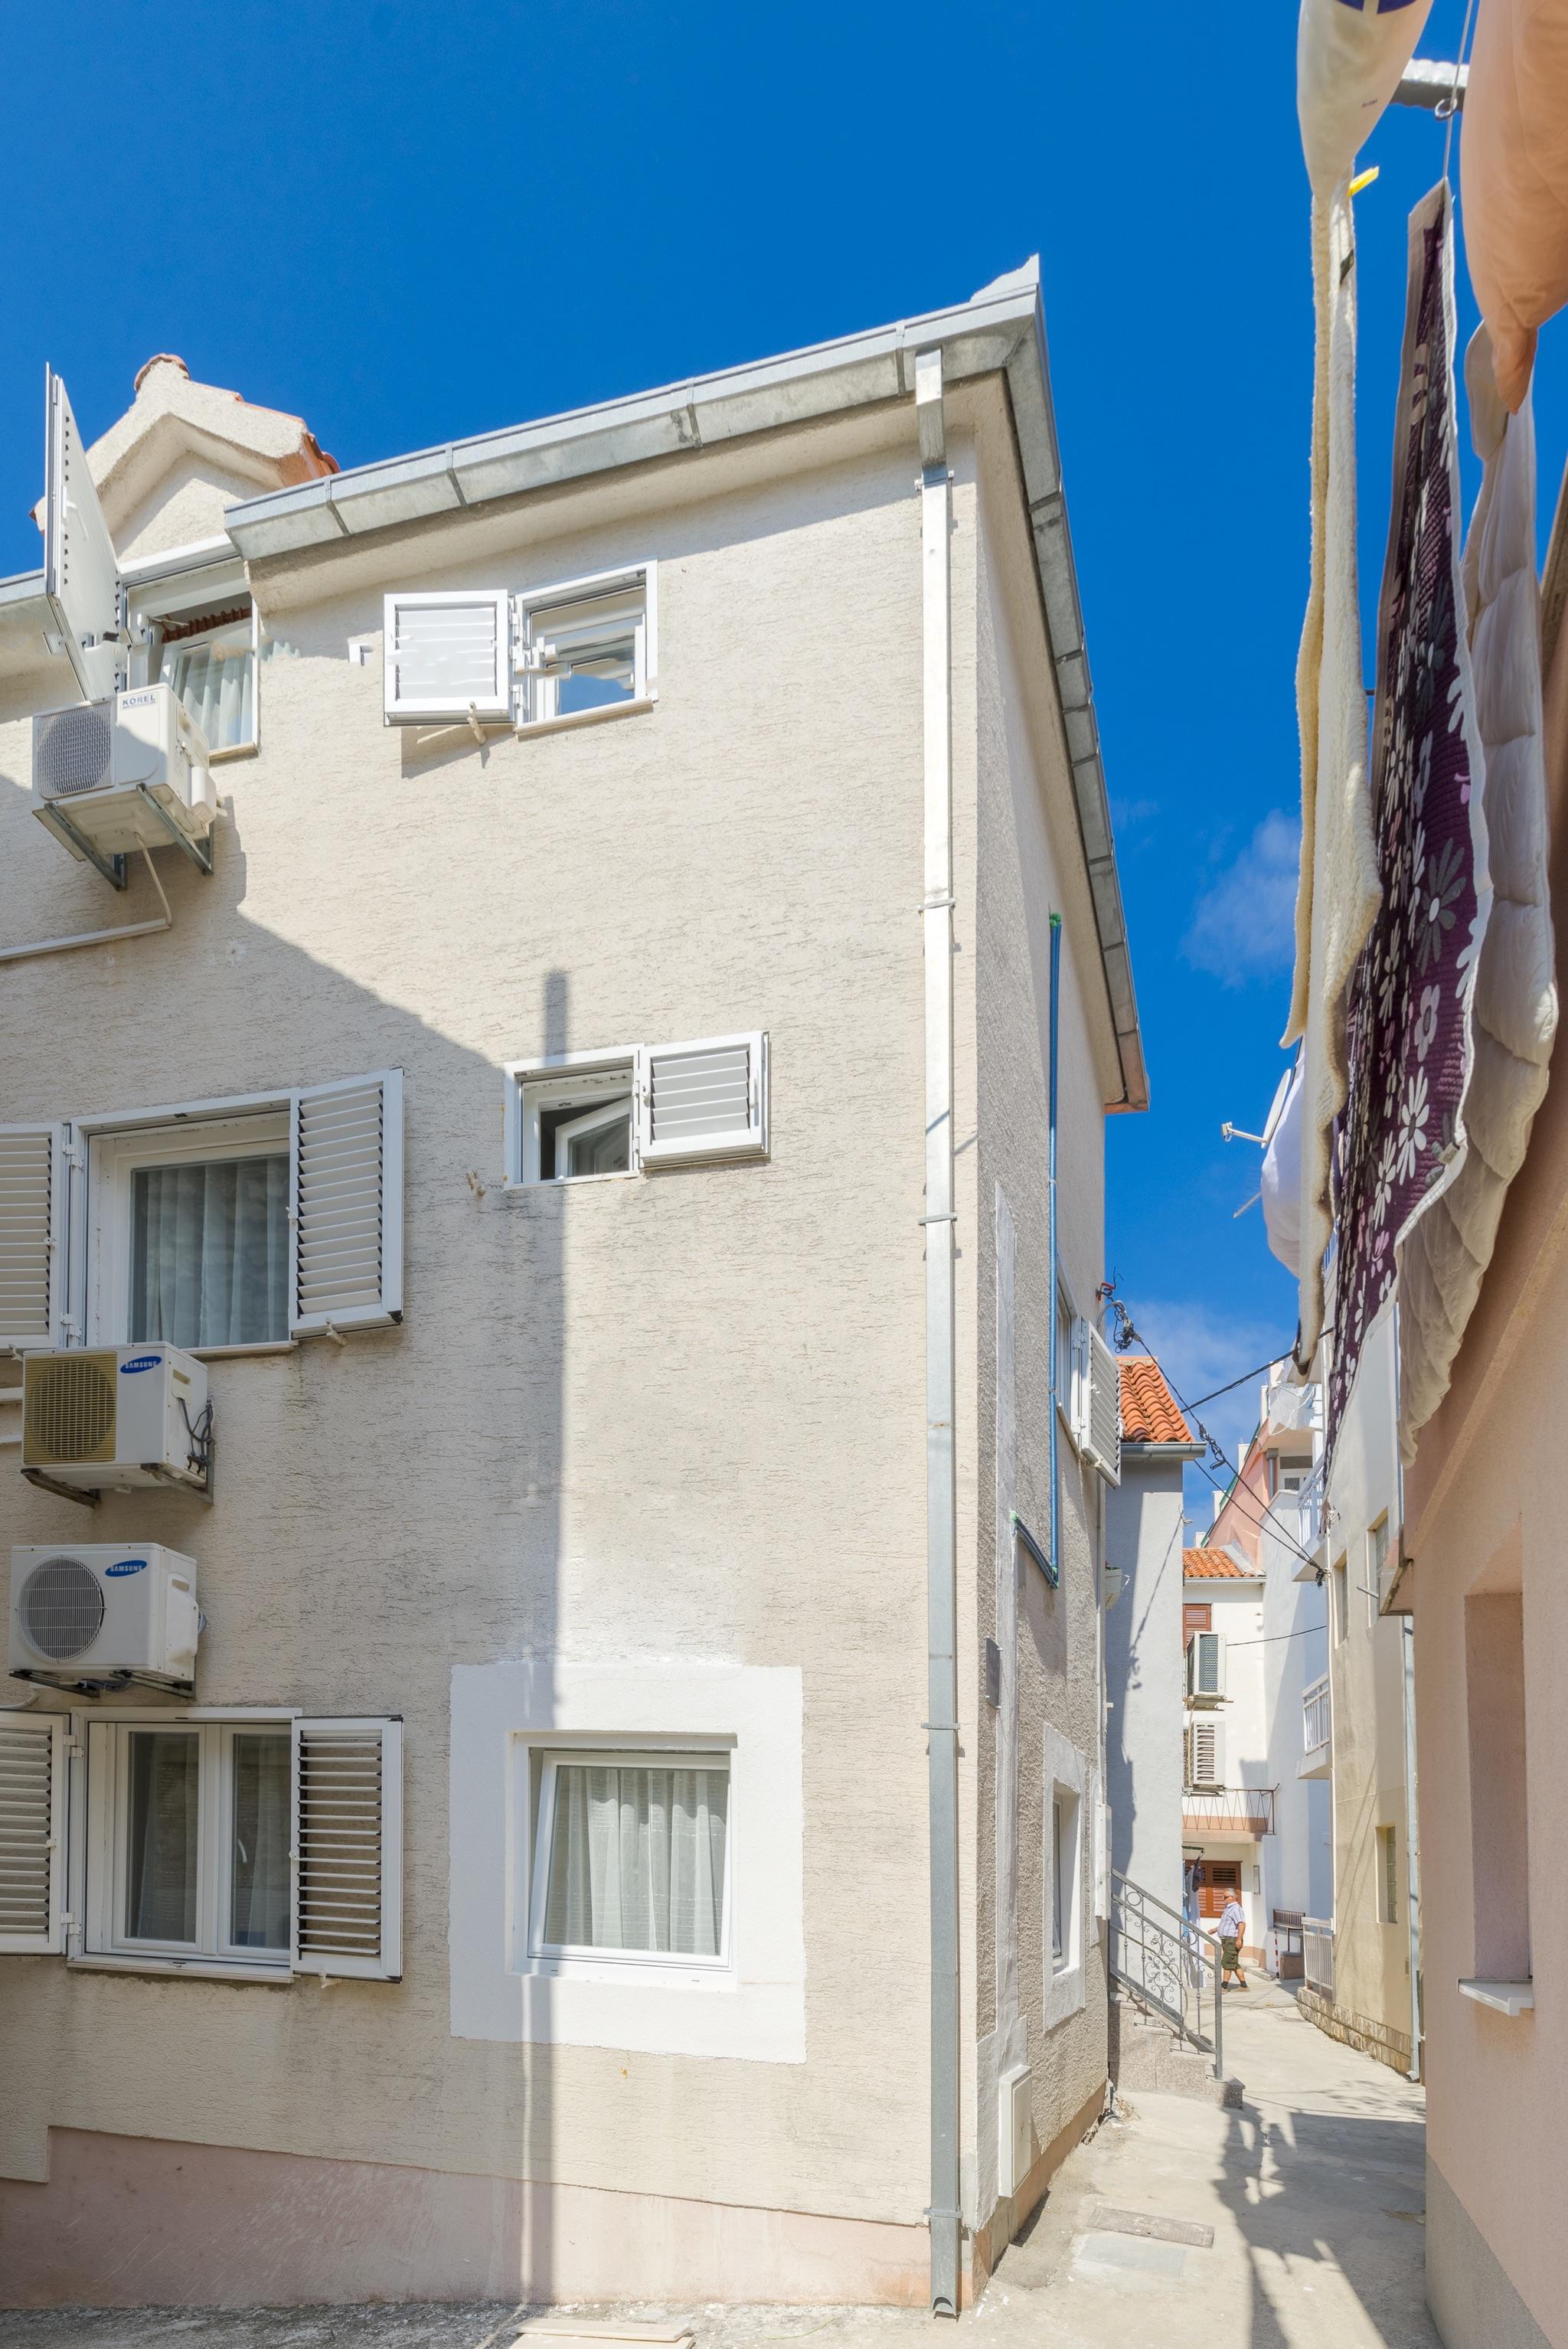 Ferienwohnung Wohnung mit 2 Zimmern in Baaka Voda mit herrlichem Meerblick, möblierter Terrasse und W-L (2201397), Baška Voda, , Dalmatien, Kroatien, Bild 8